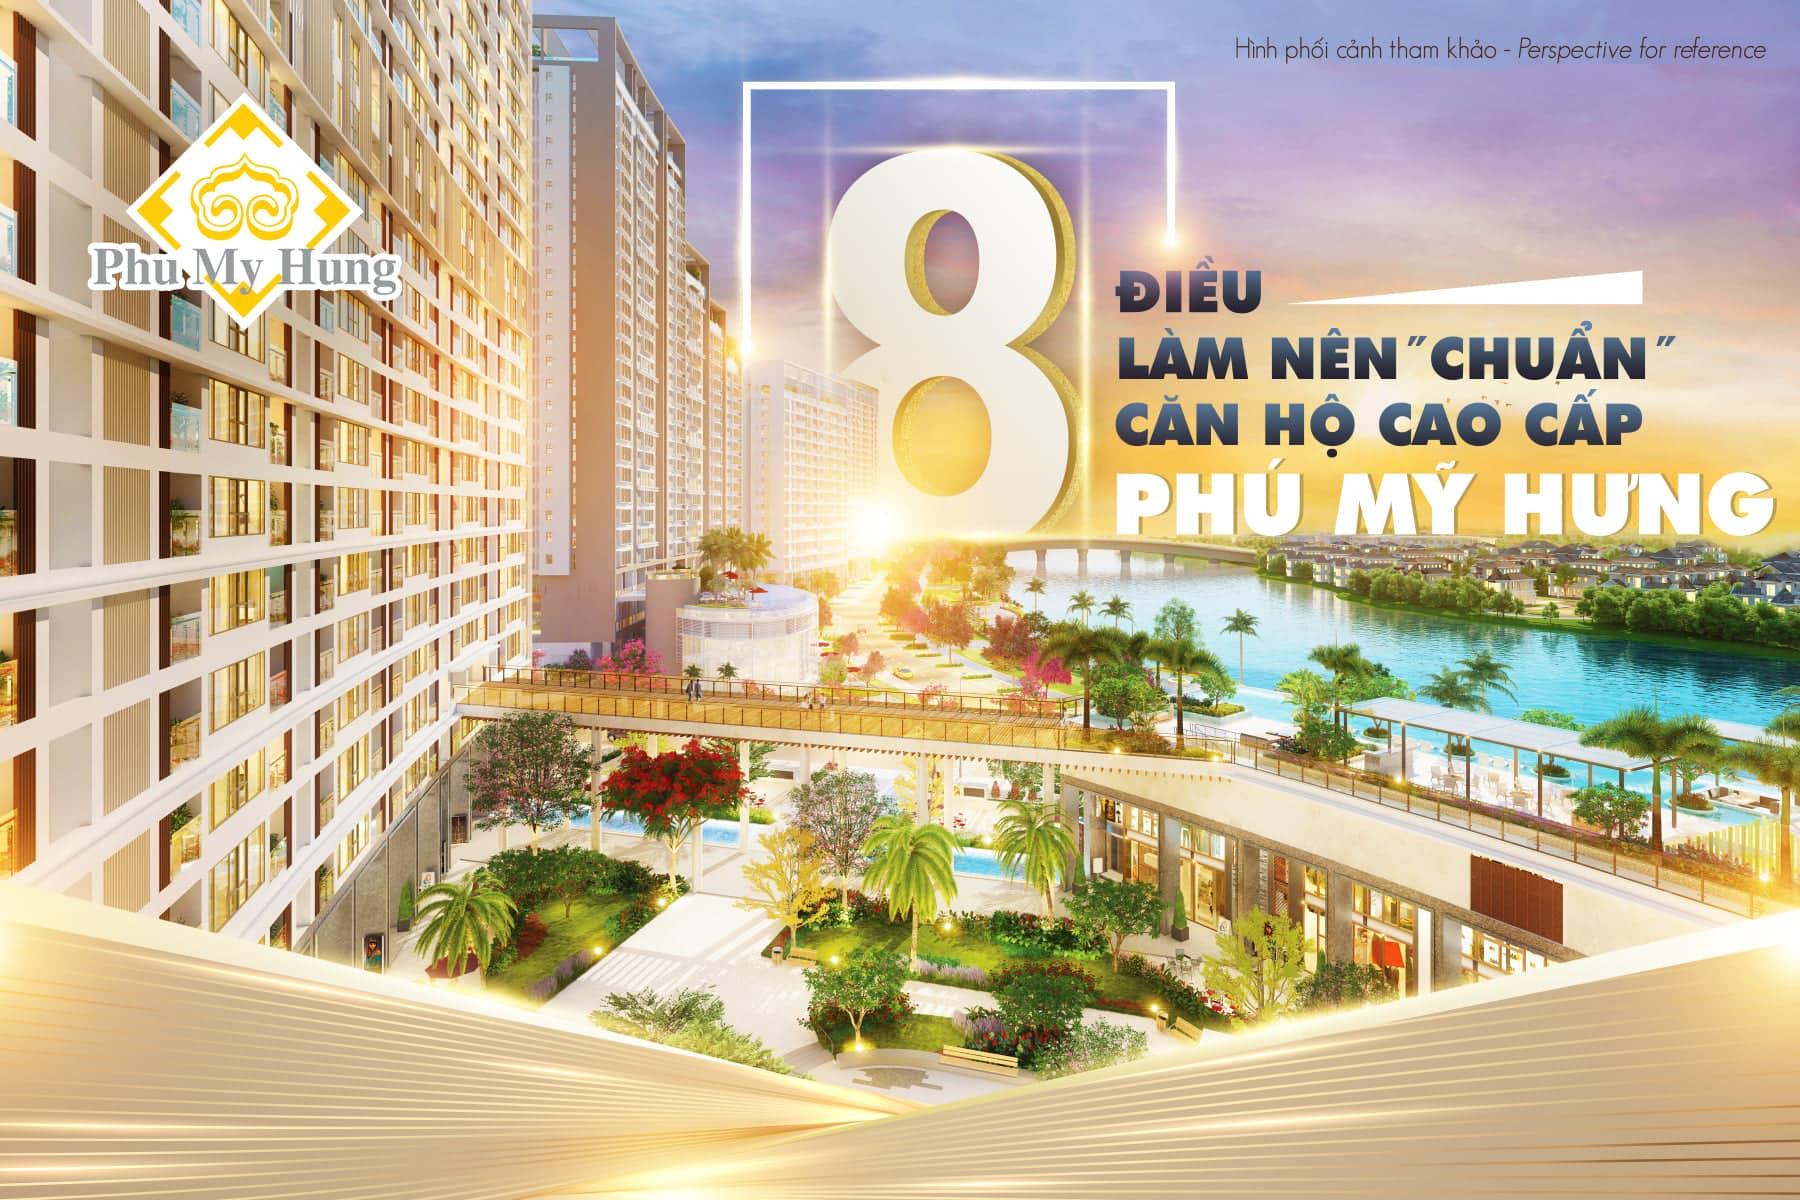 8 điều làm nên chuẩn căn hộ cao cấp Phú Mỹ Hưng 1